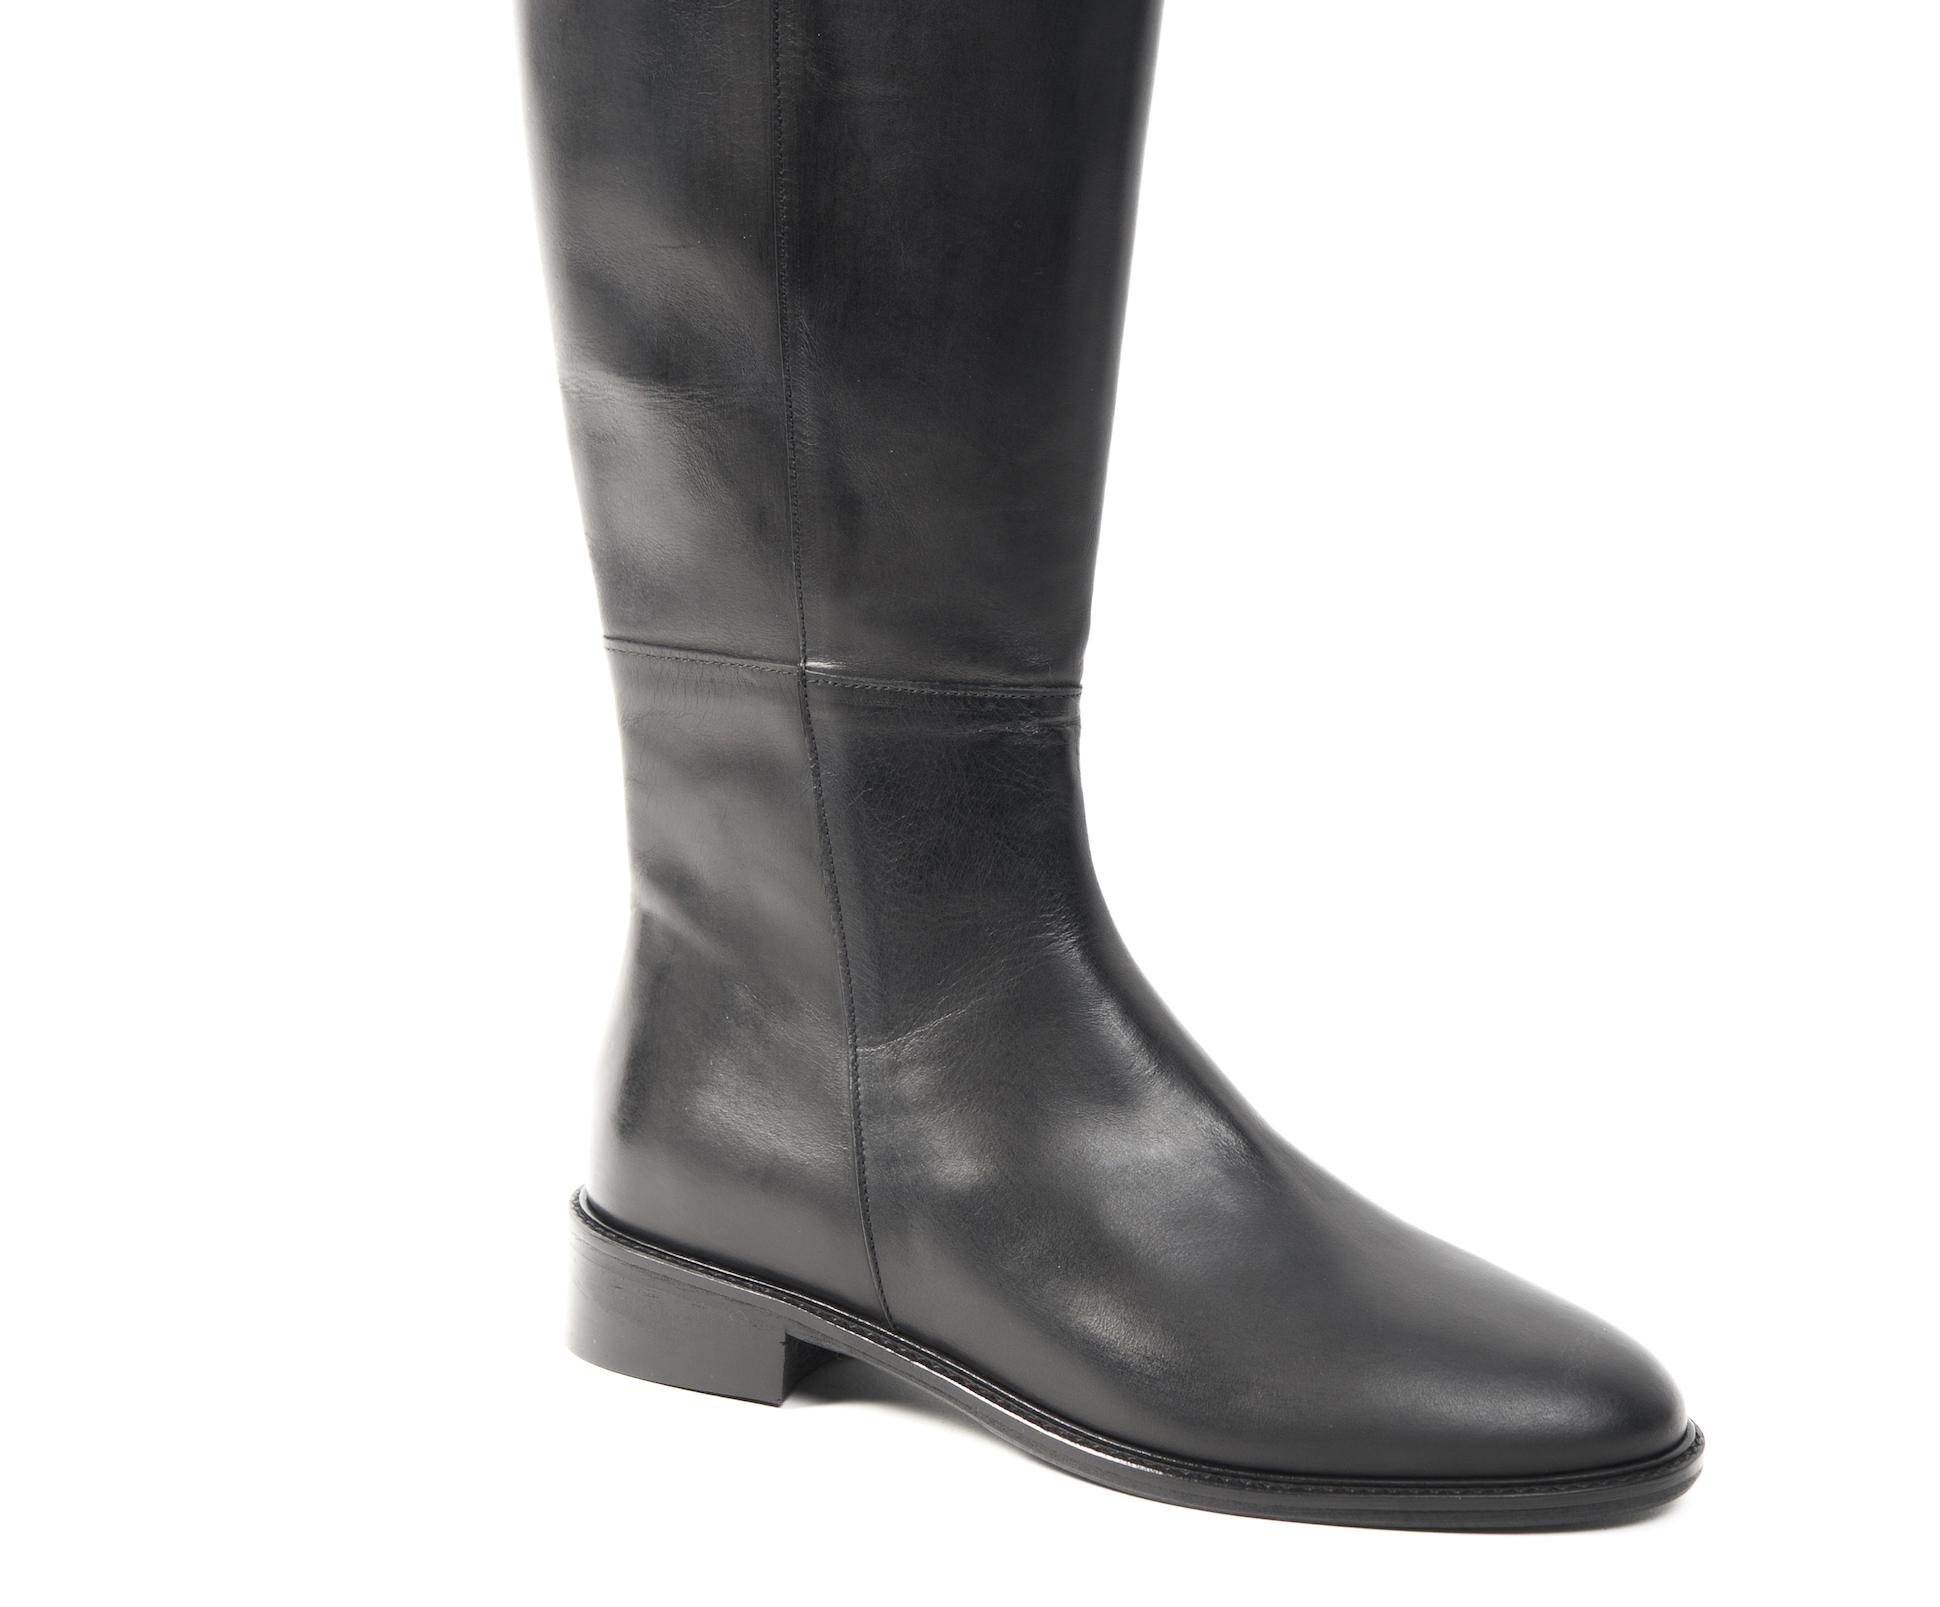 Stivali in pelle mujer tacco basso interno foderato cerniera -numeri 35 da 35 -numeri a 40 3d81ed